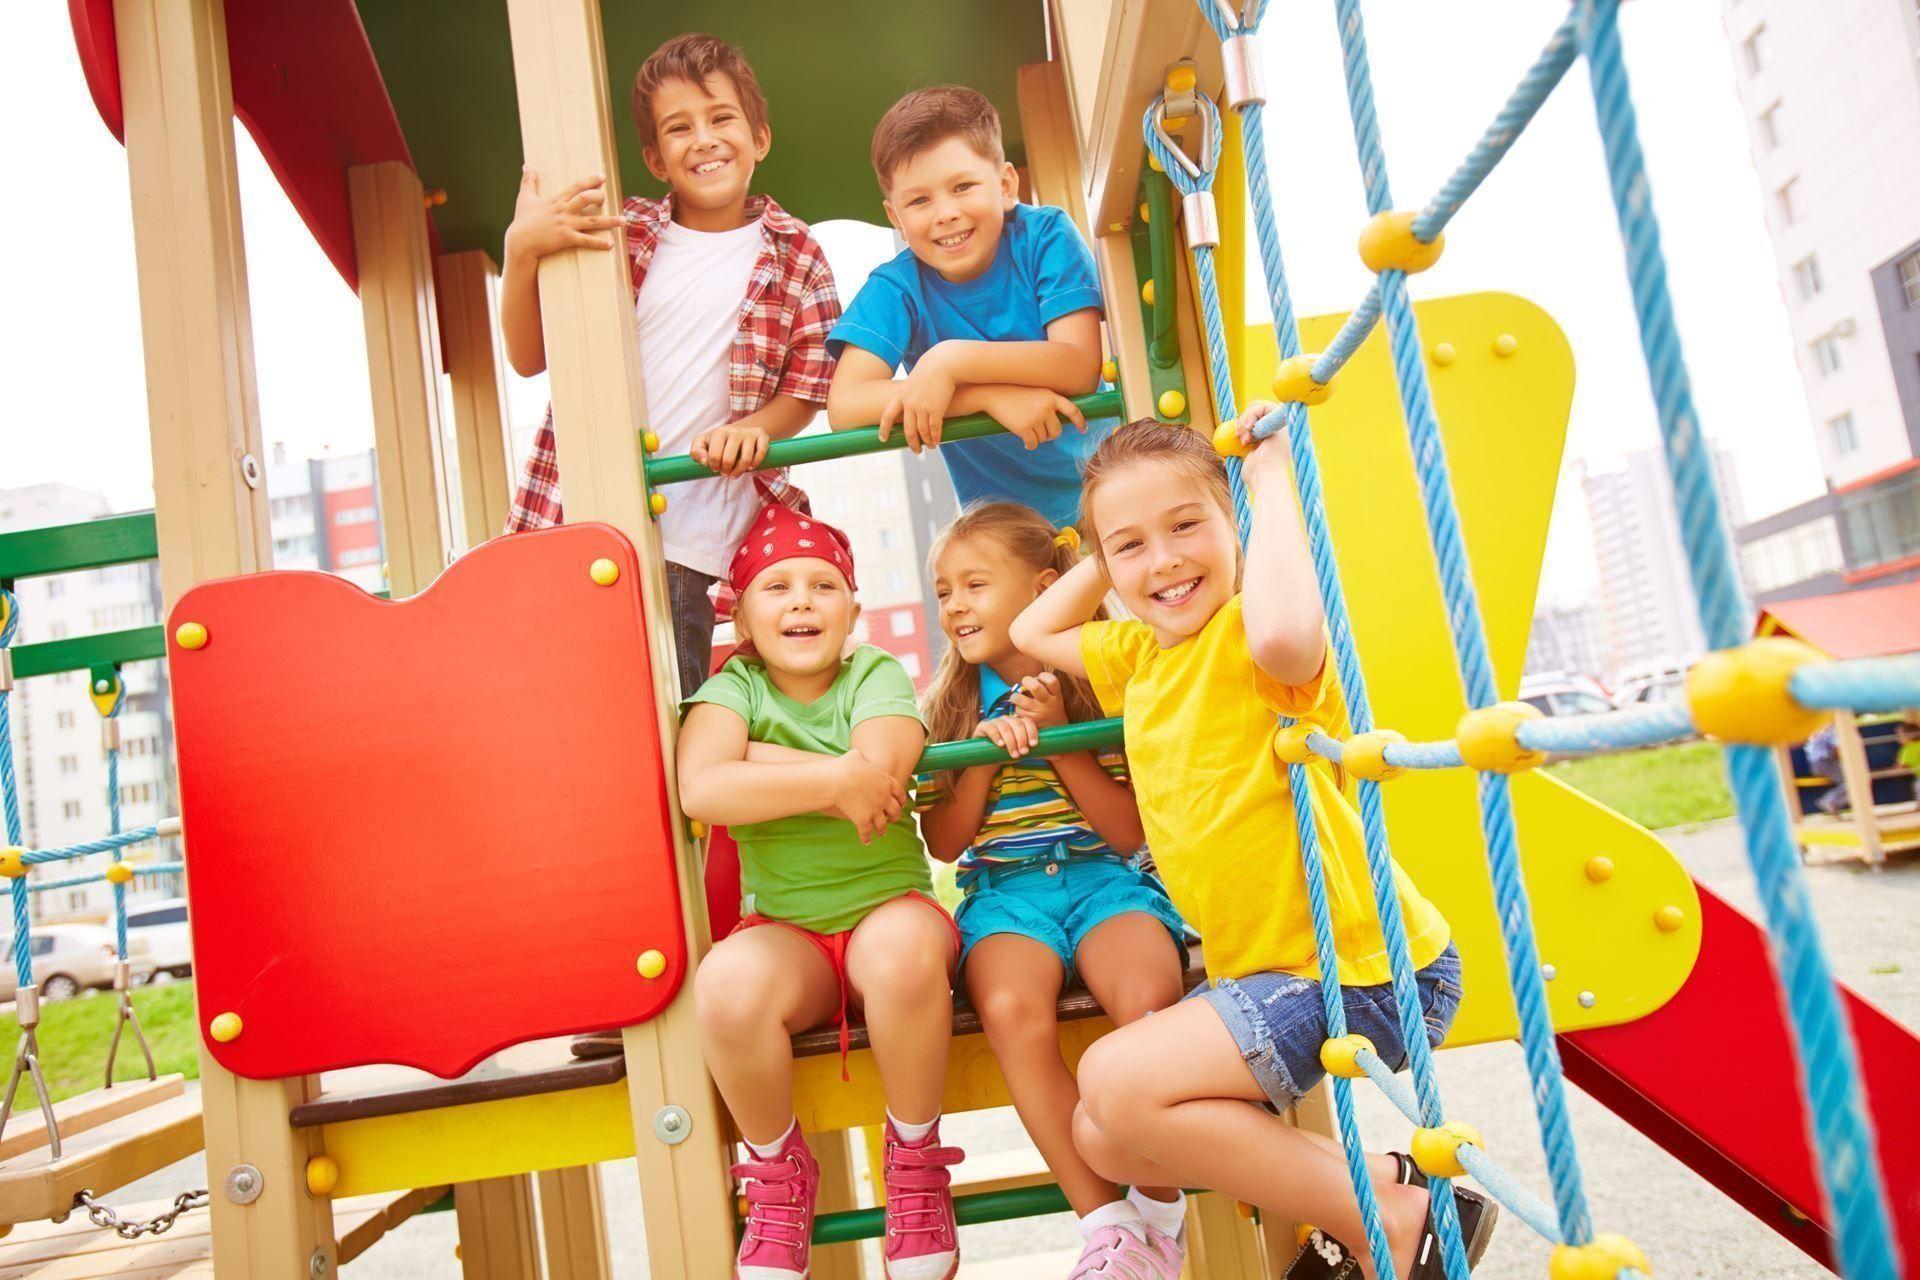 Самые лучшие детские площадки Нижнего Новгорода (открытые и закрытые) в 2021 году